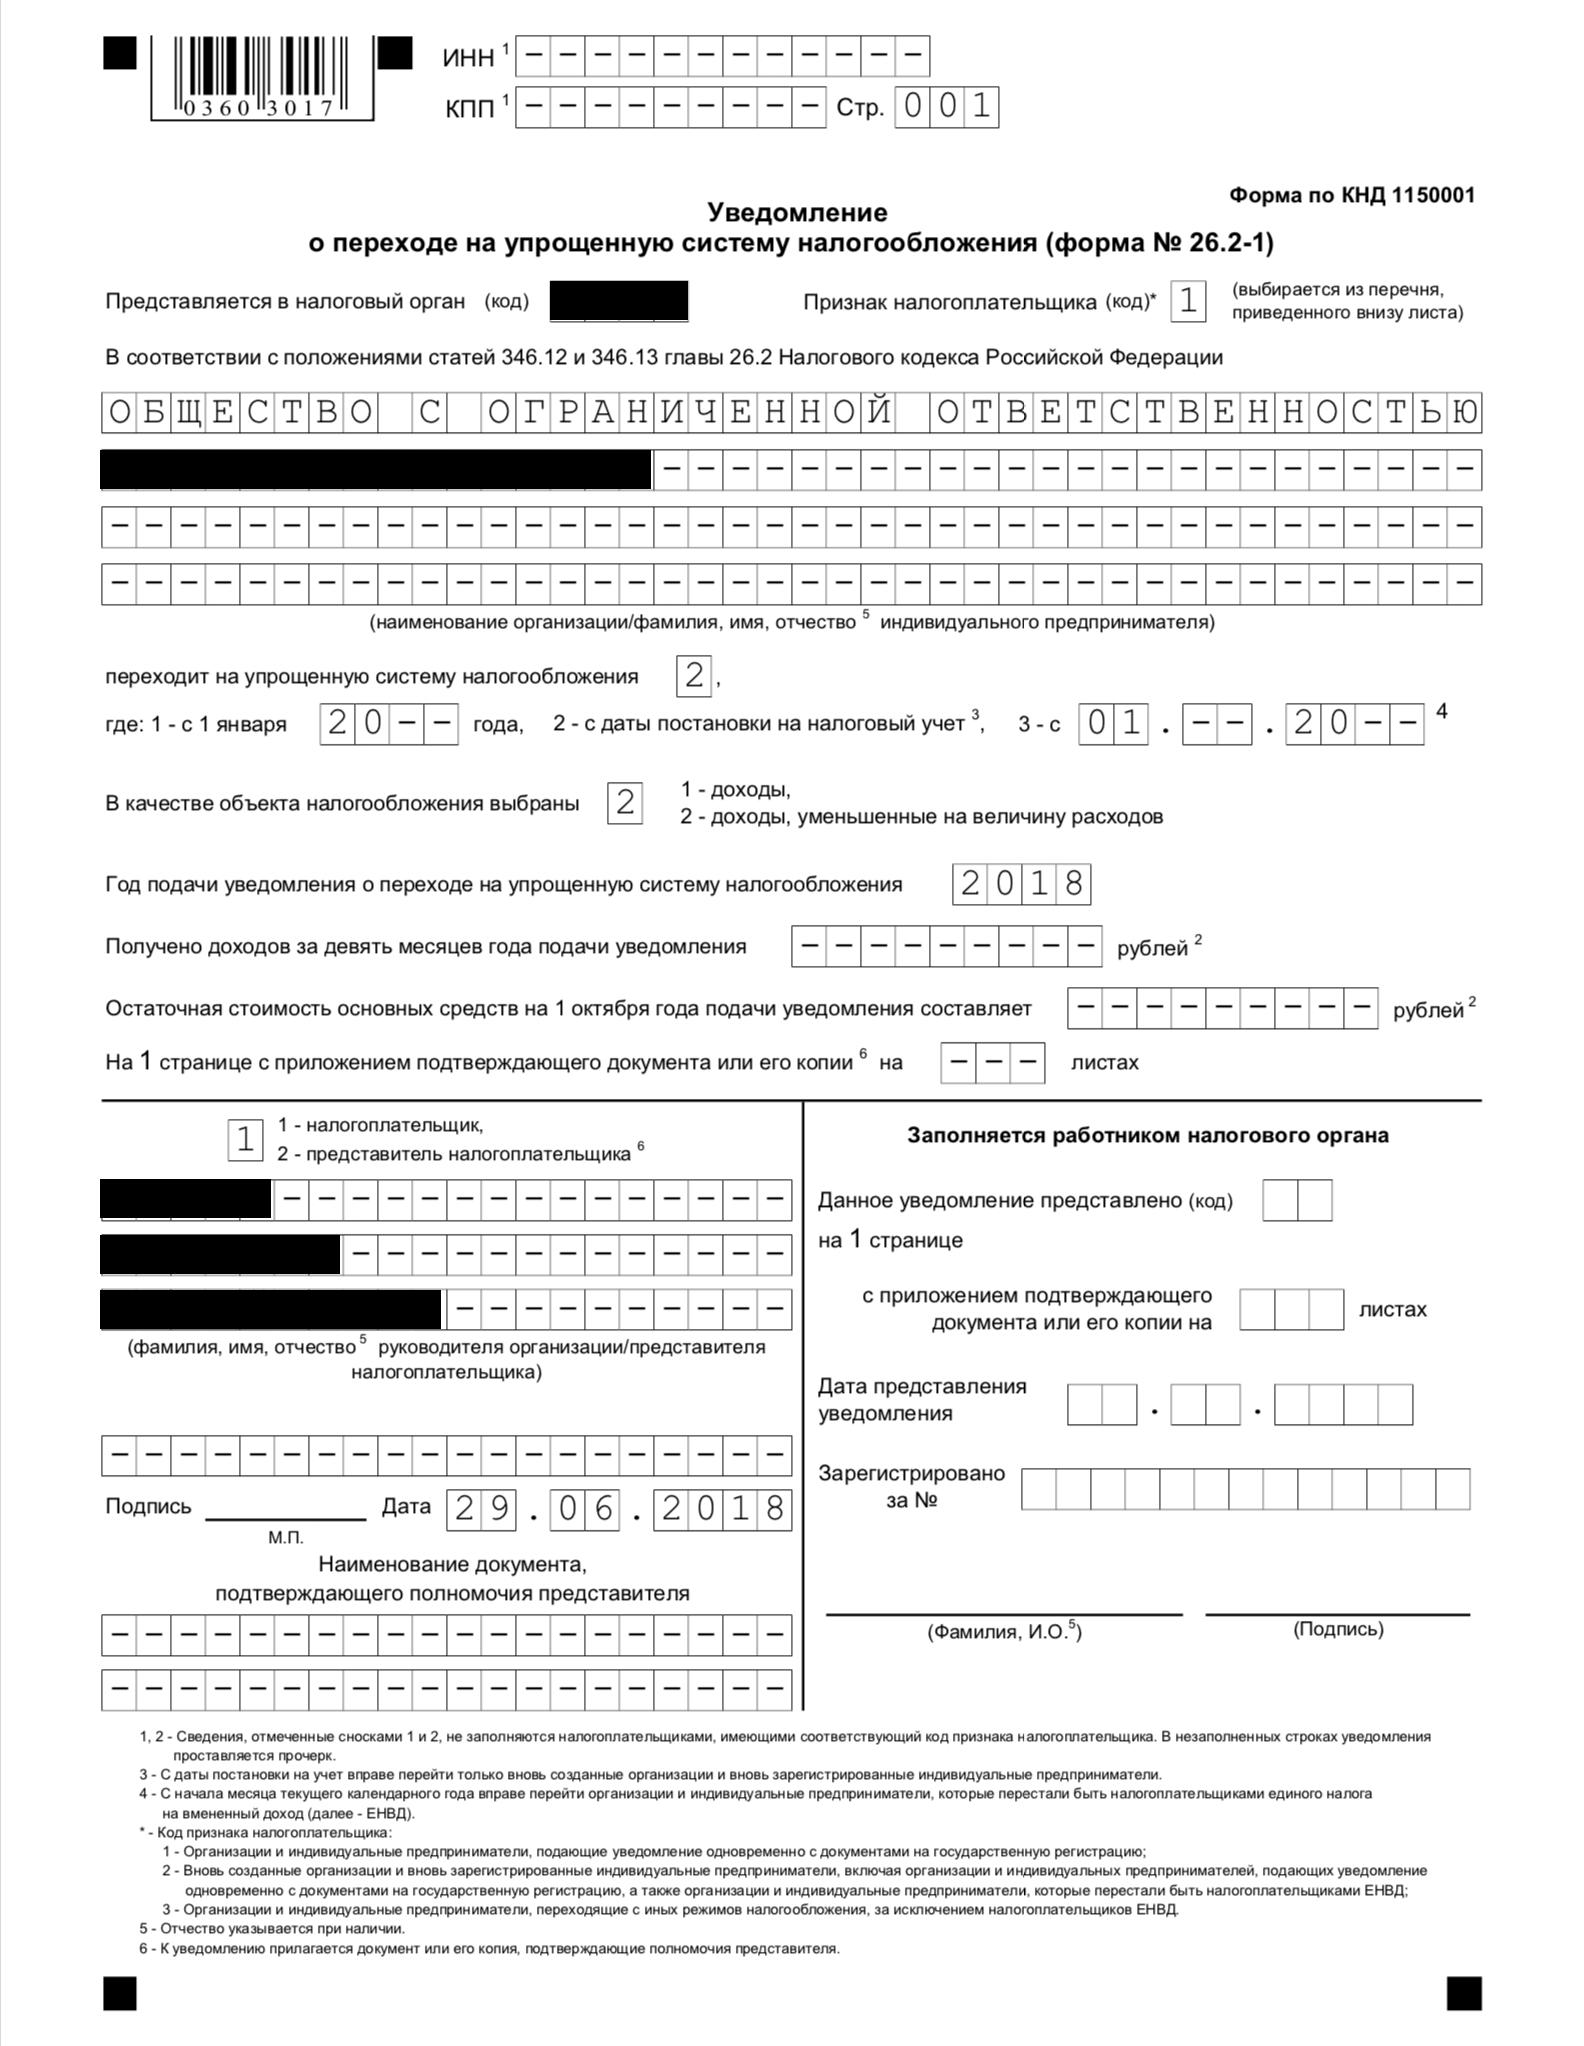 Так выглядит заявление от ООО на применение УСН, если подавать его при регистрации